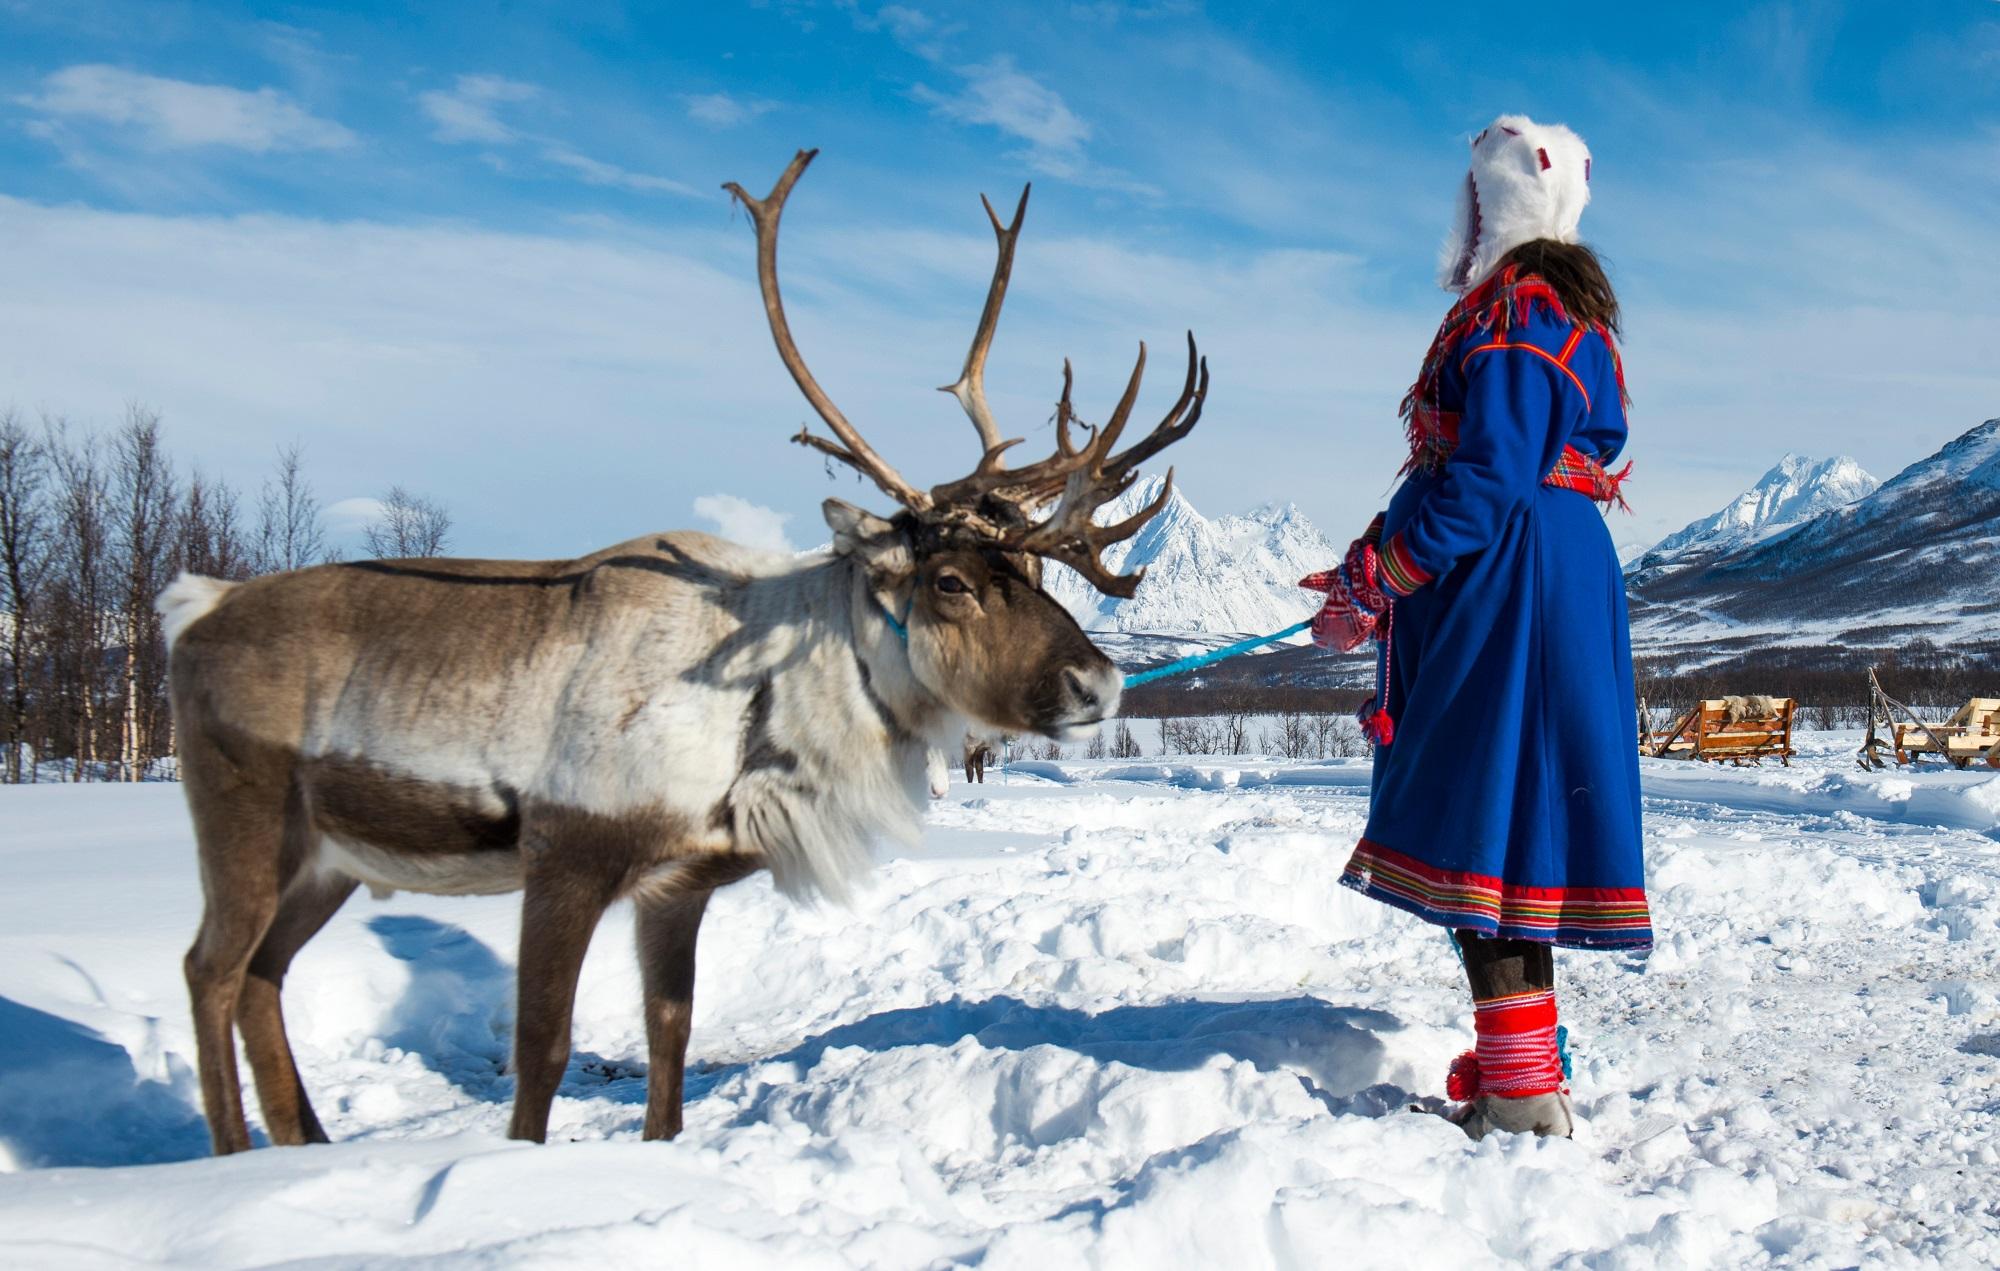 Sāmi, Lapzeme, Zviedrija, ziemeļbrieži, sāmu tauta, sāmi zviedrijā,